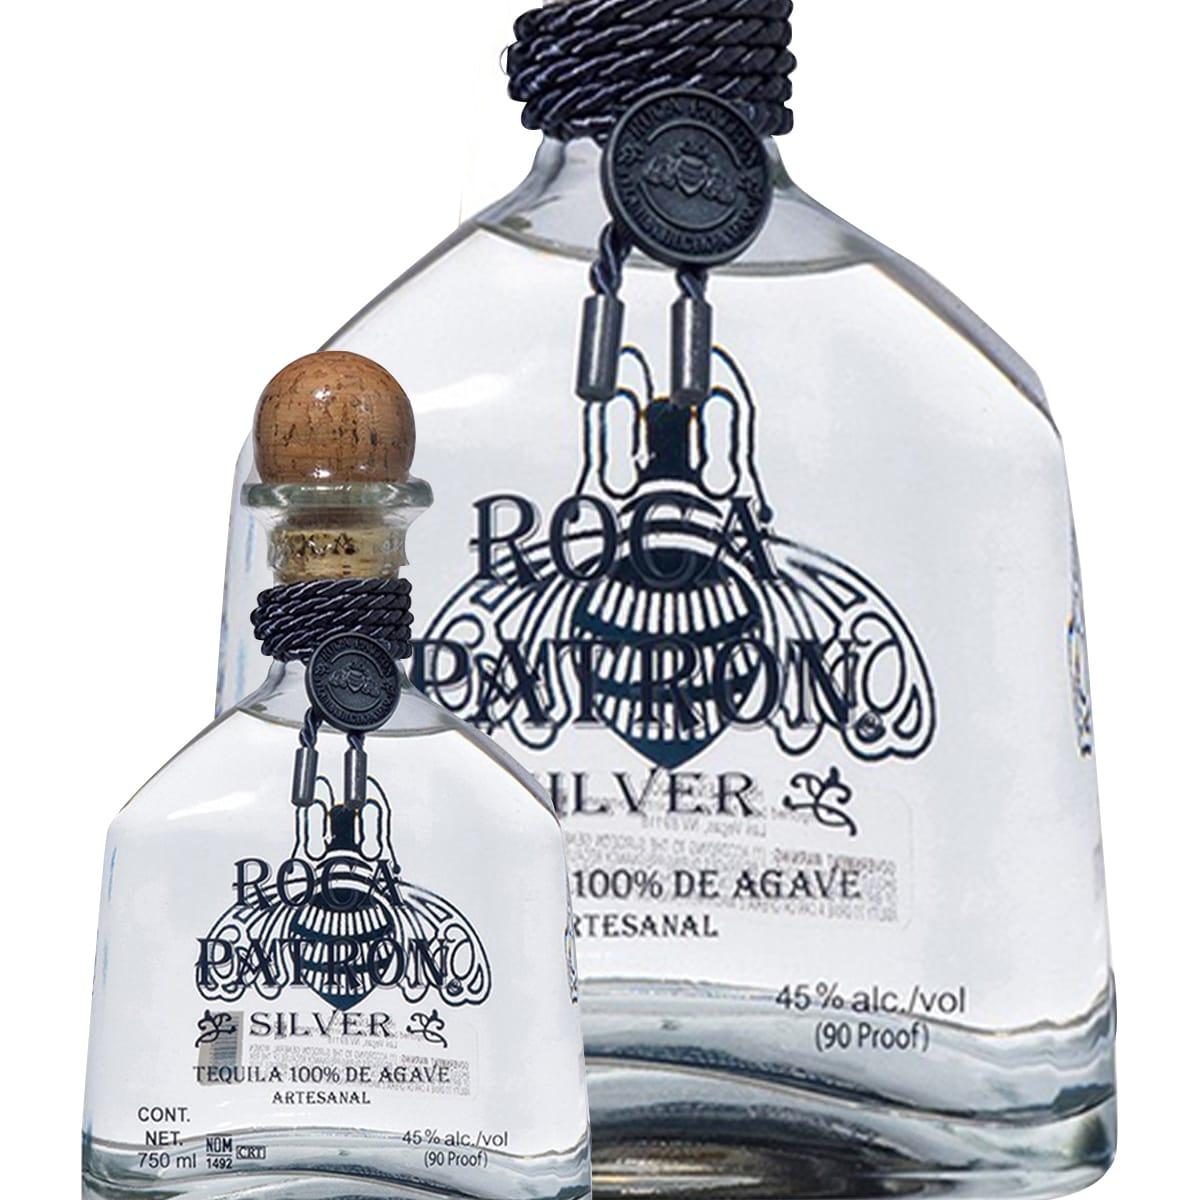 Bouteille de Tequila Patrón Roca Silver - 70cl